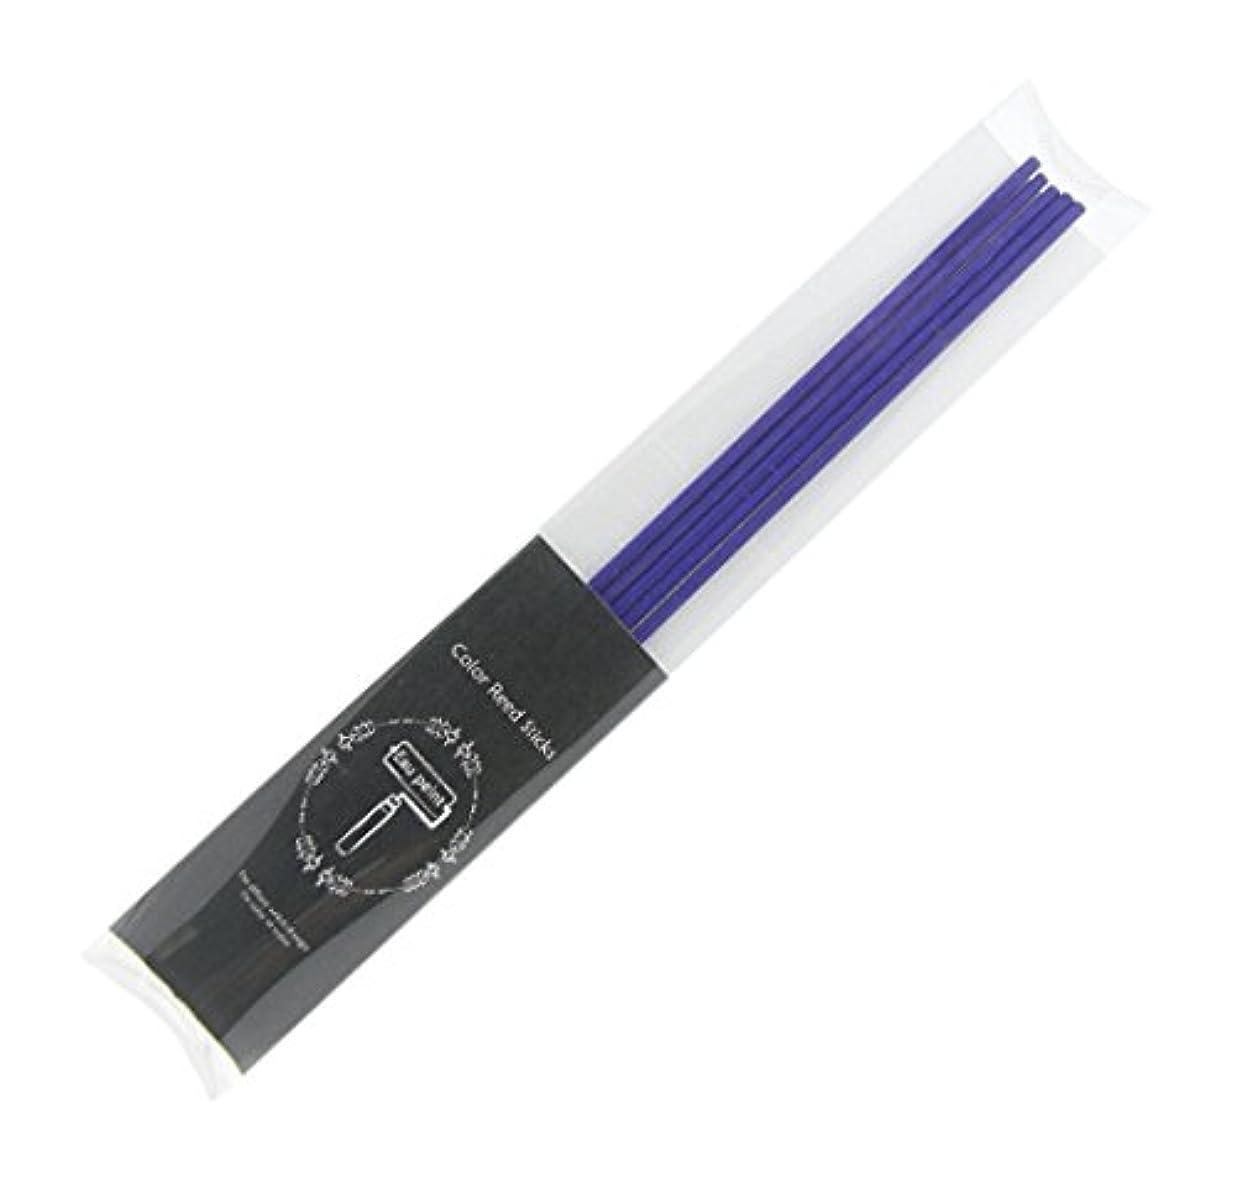 マガジンライターゴールドEau peint mais+ カラースティック リードディフューザー用スティック 5本入 パープル Purple オーペイント マイス